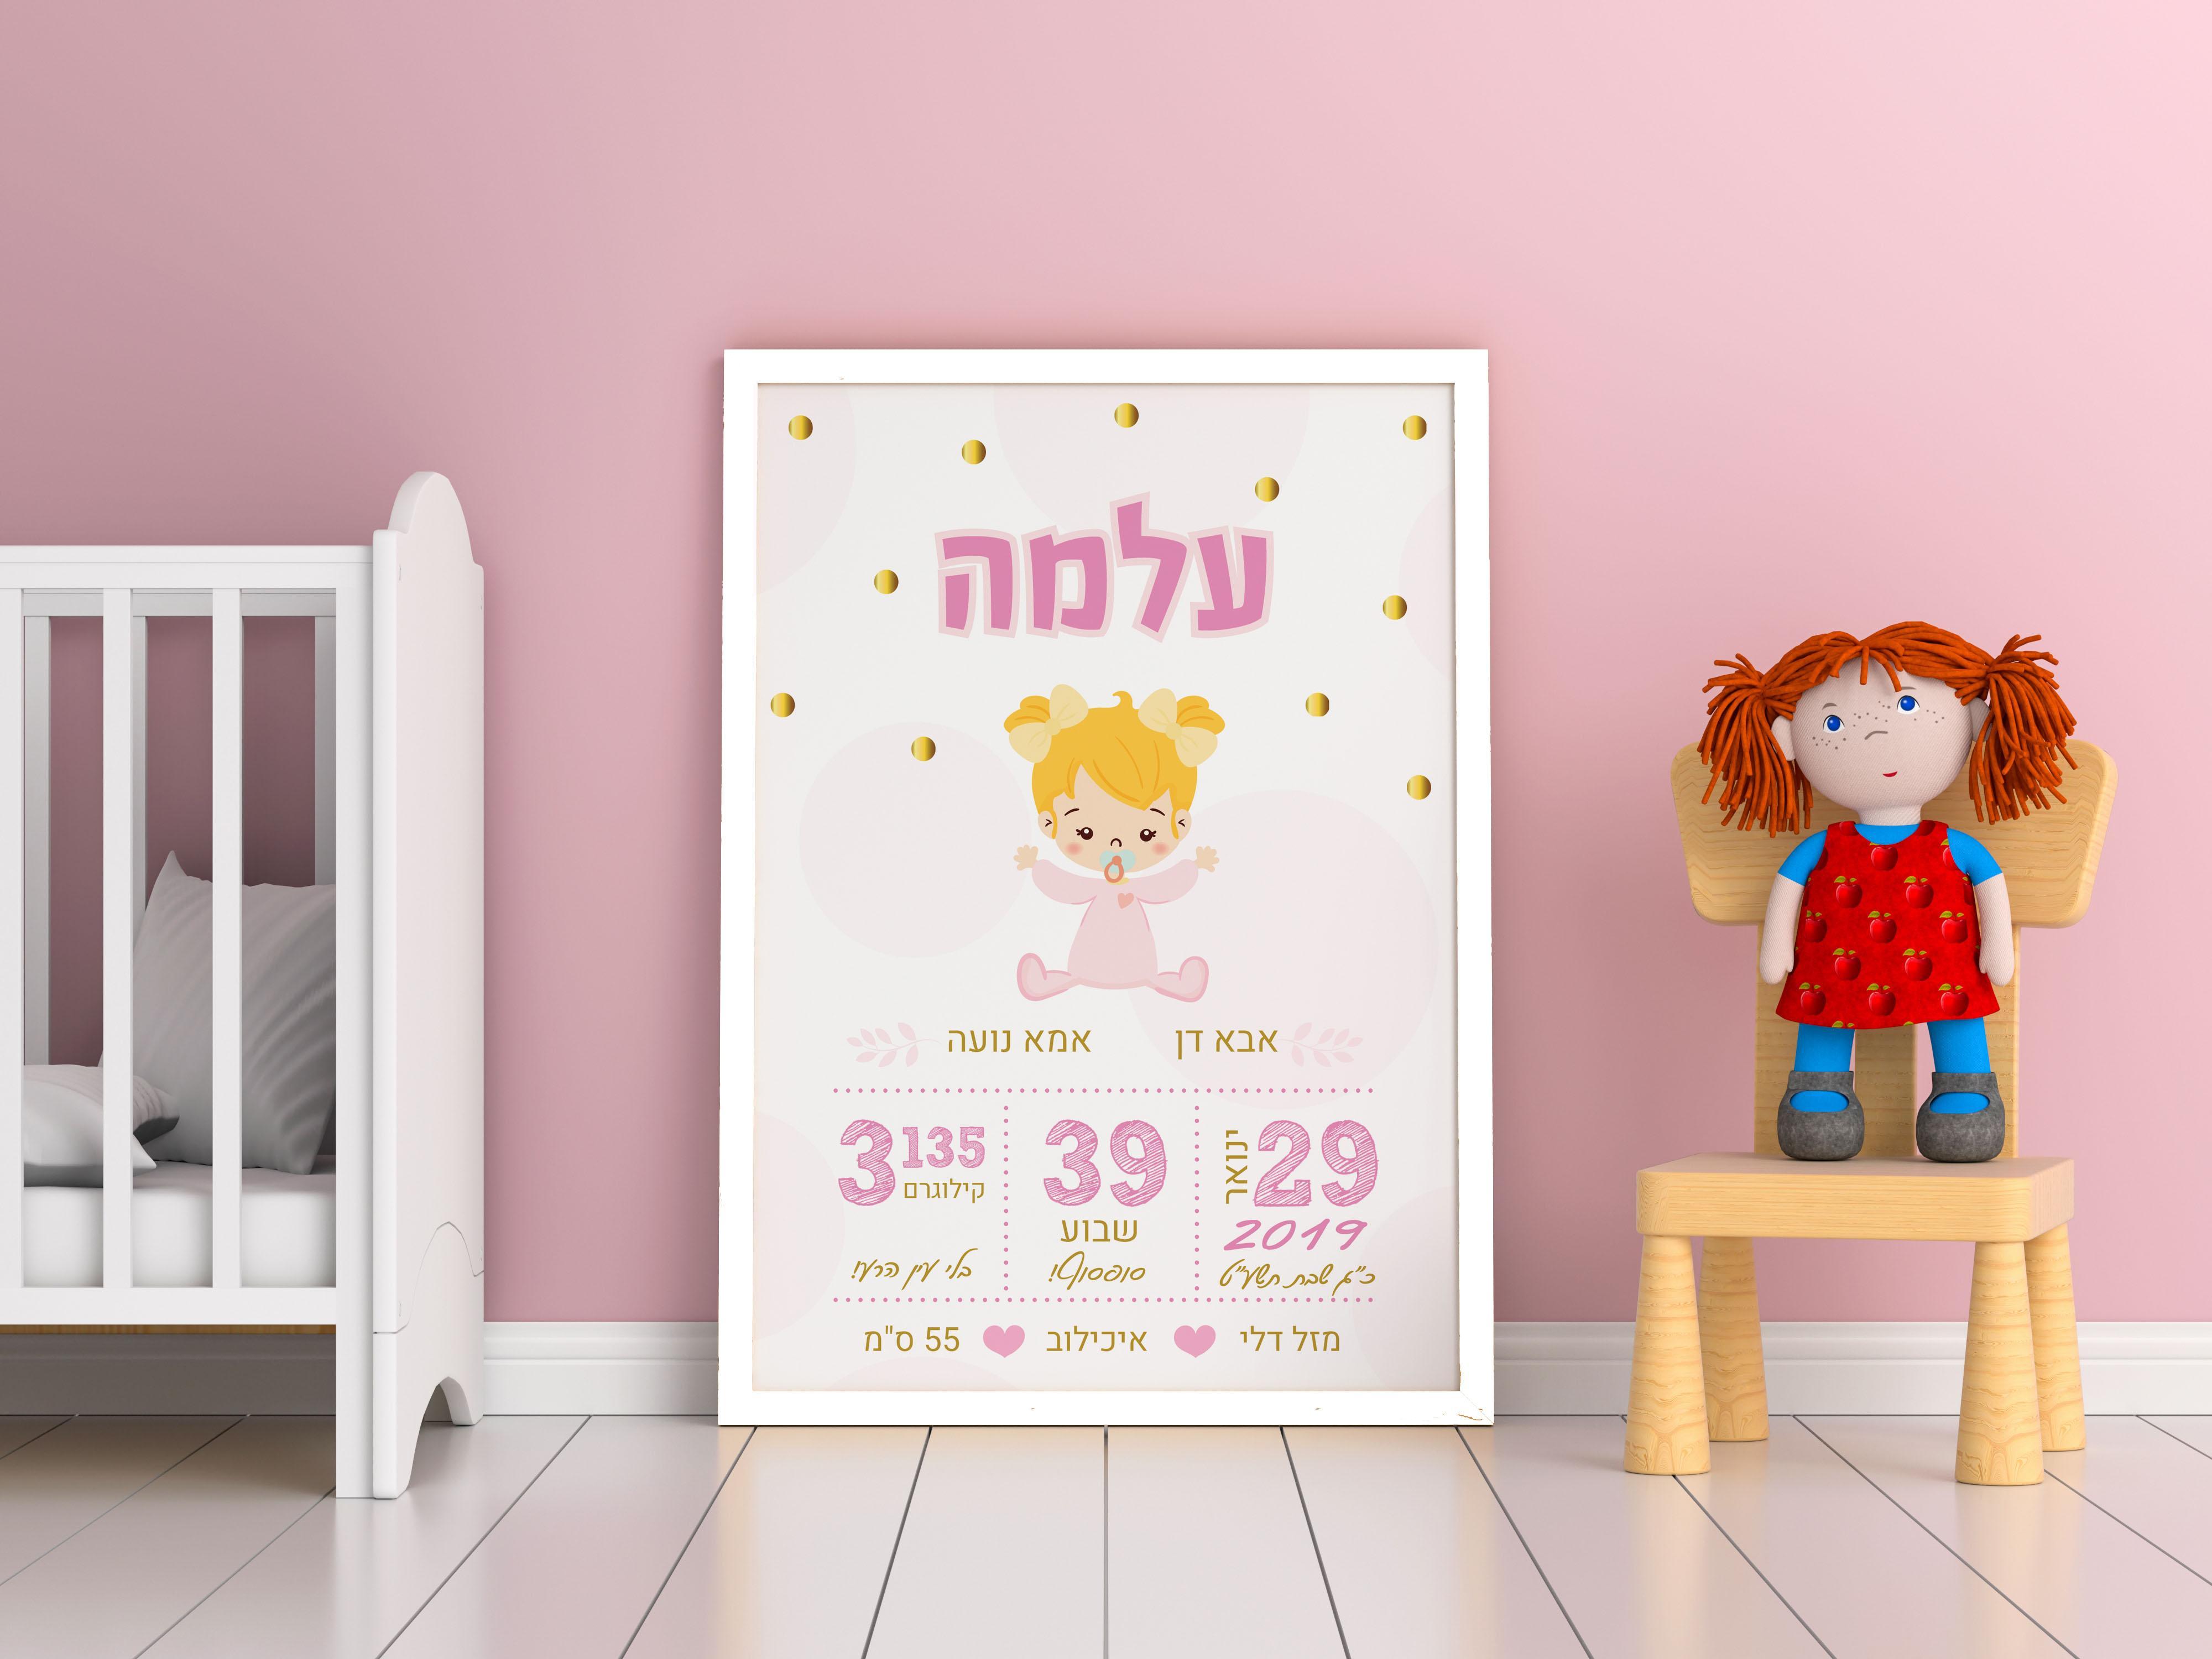 תעודת לידה בנות- 1 (העתק)